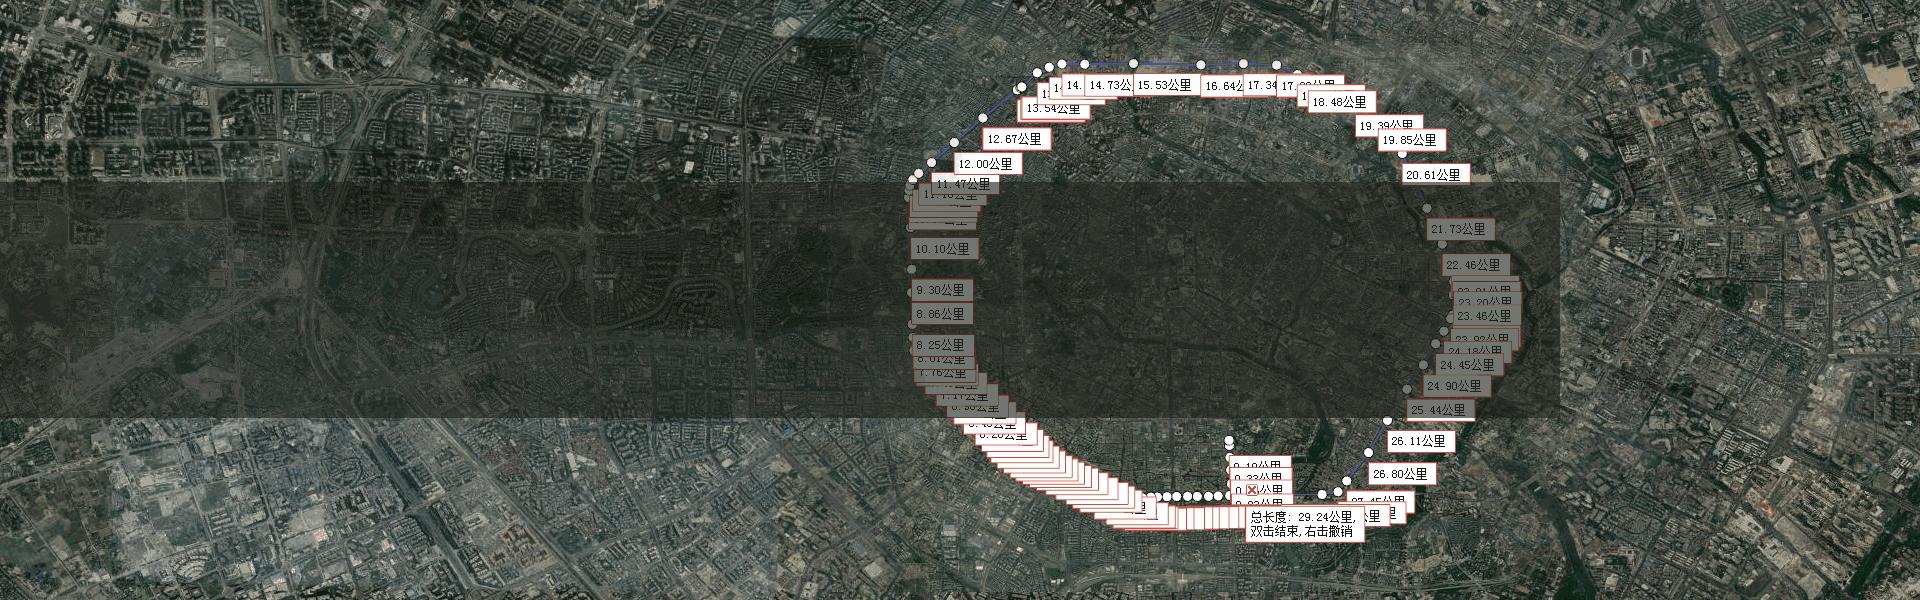 新版谷歌地图高清卫星地图下载拼接,地图标注,DEM高程下载,等高线提取,矢量数据(WGS84,西安80,北京54,2000坐标)叠加配准,投影转换;支持AutoCAD,ArcGIS等行业软件。